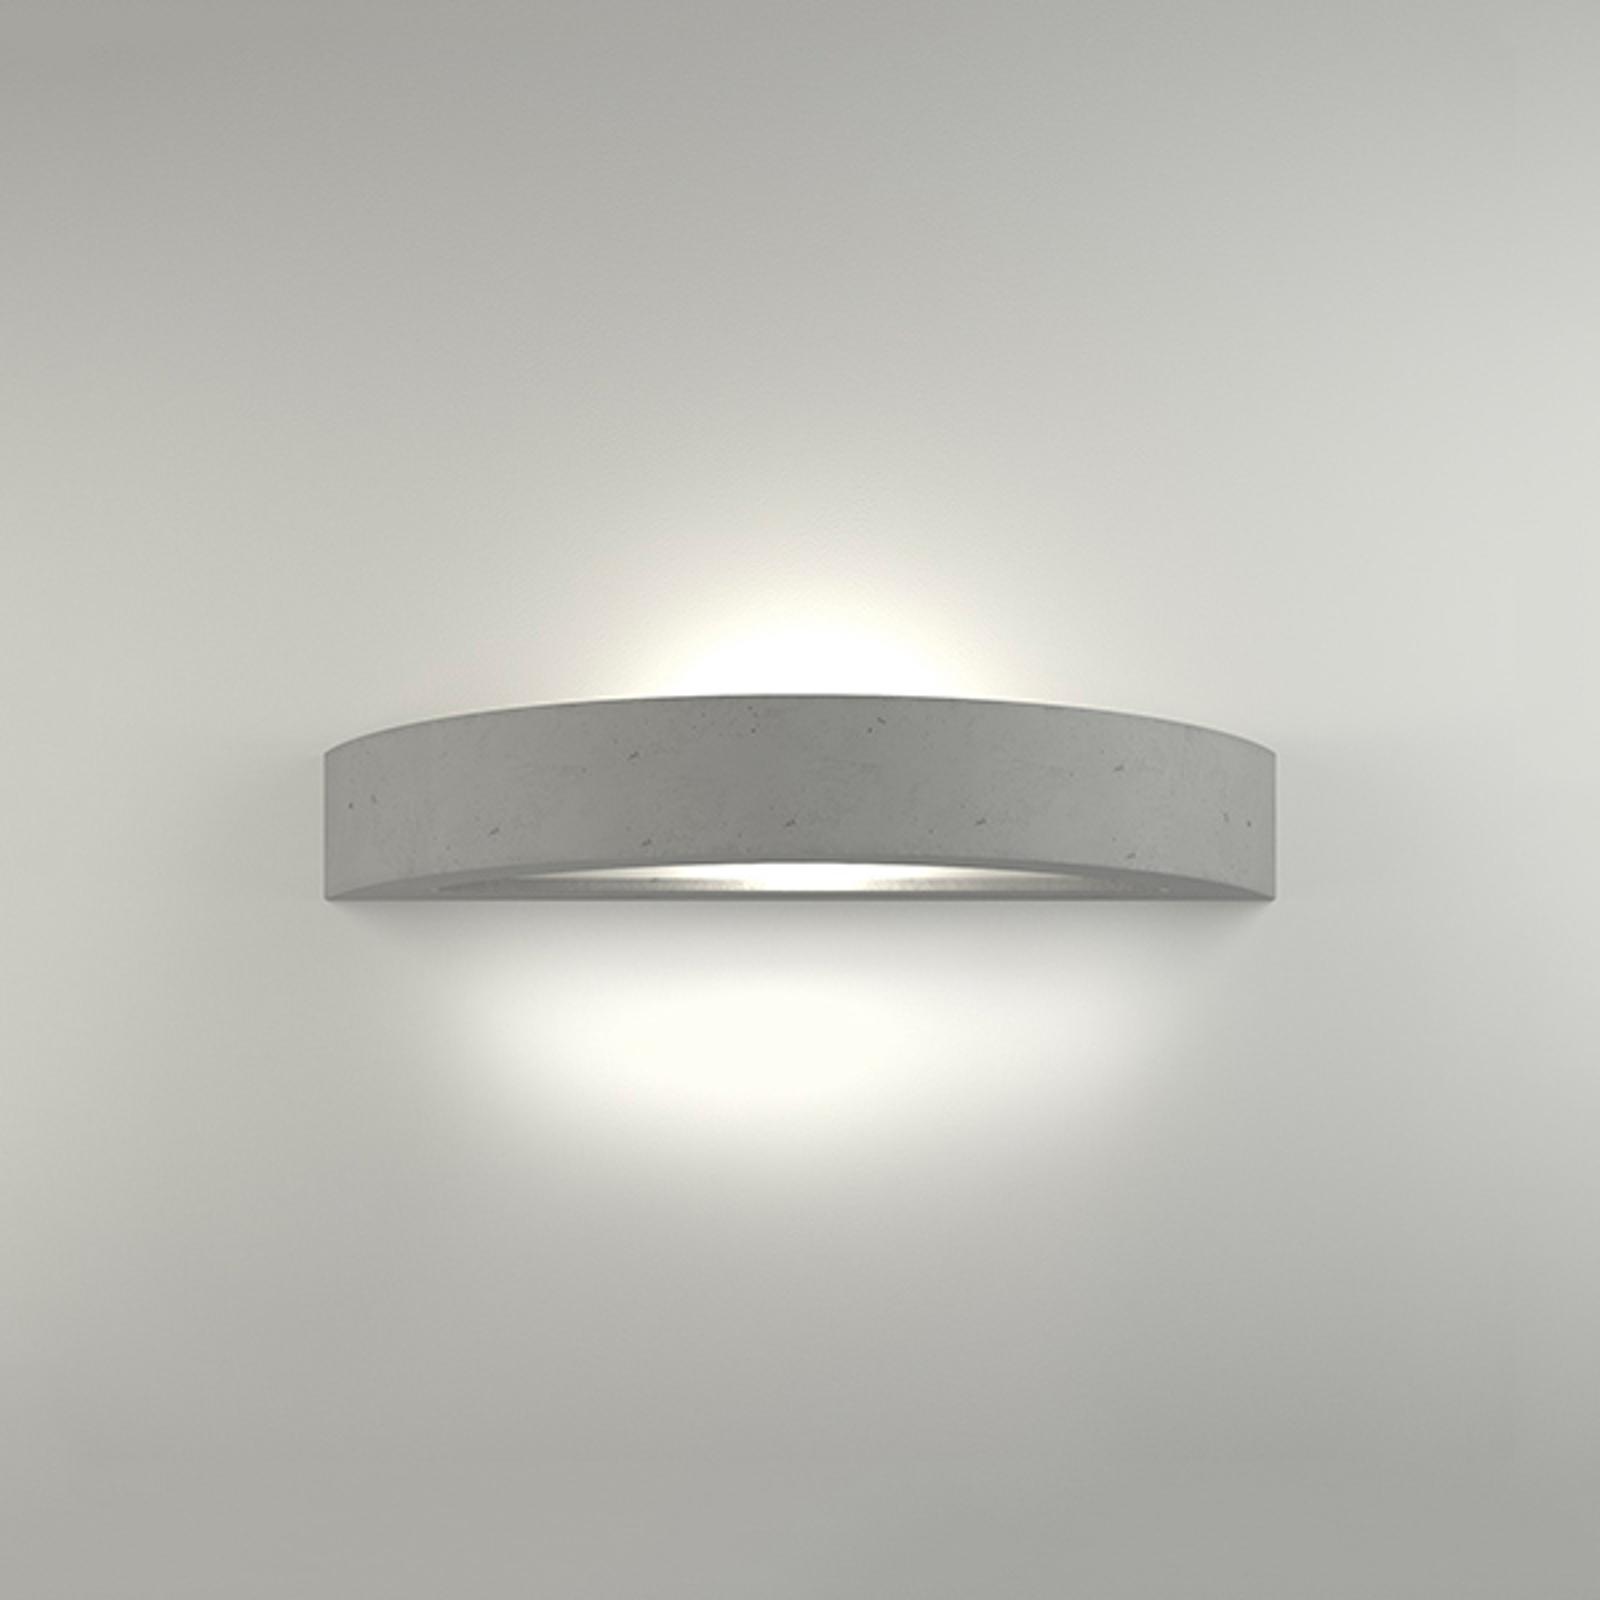 LED nástěnné světlo, 2455, beton, 3000 K, nestmív.